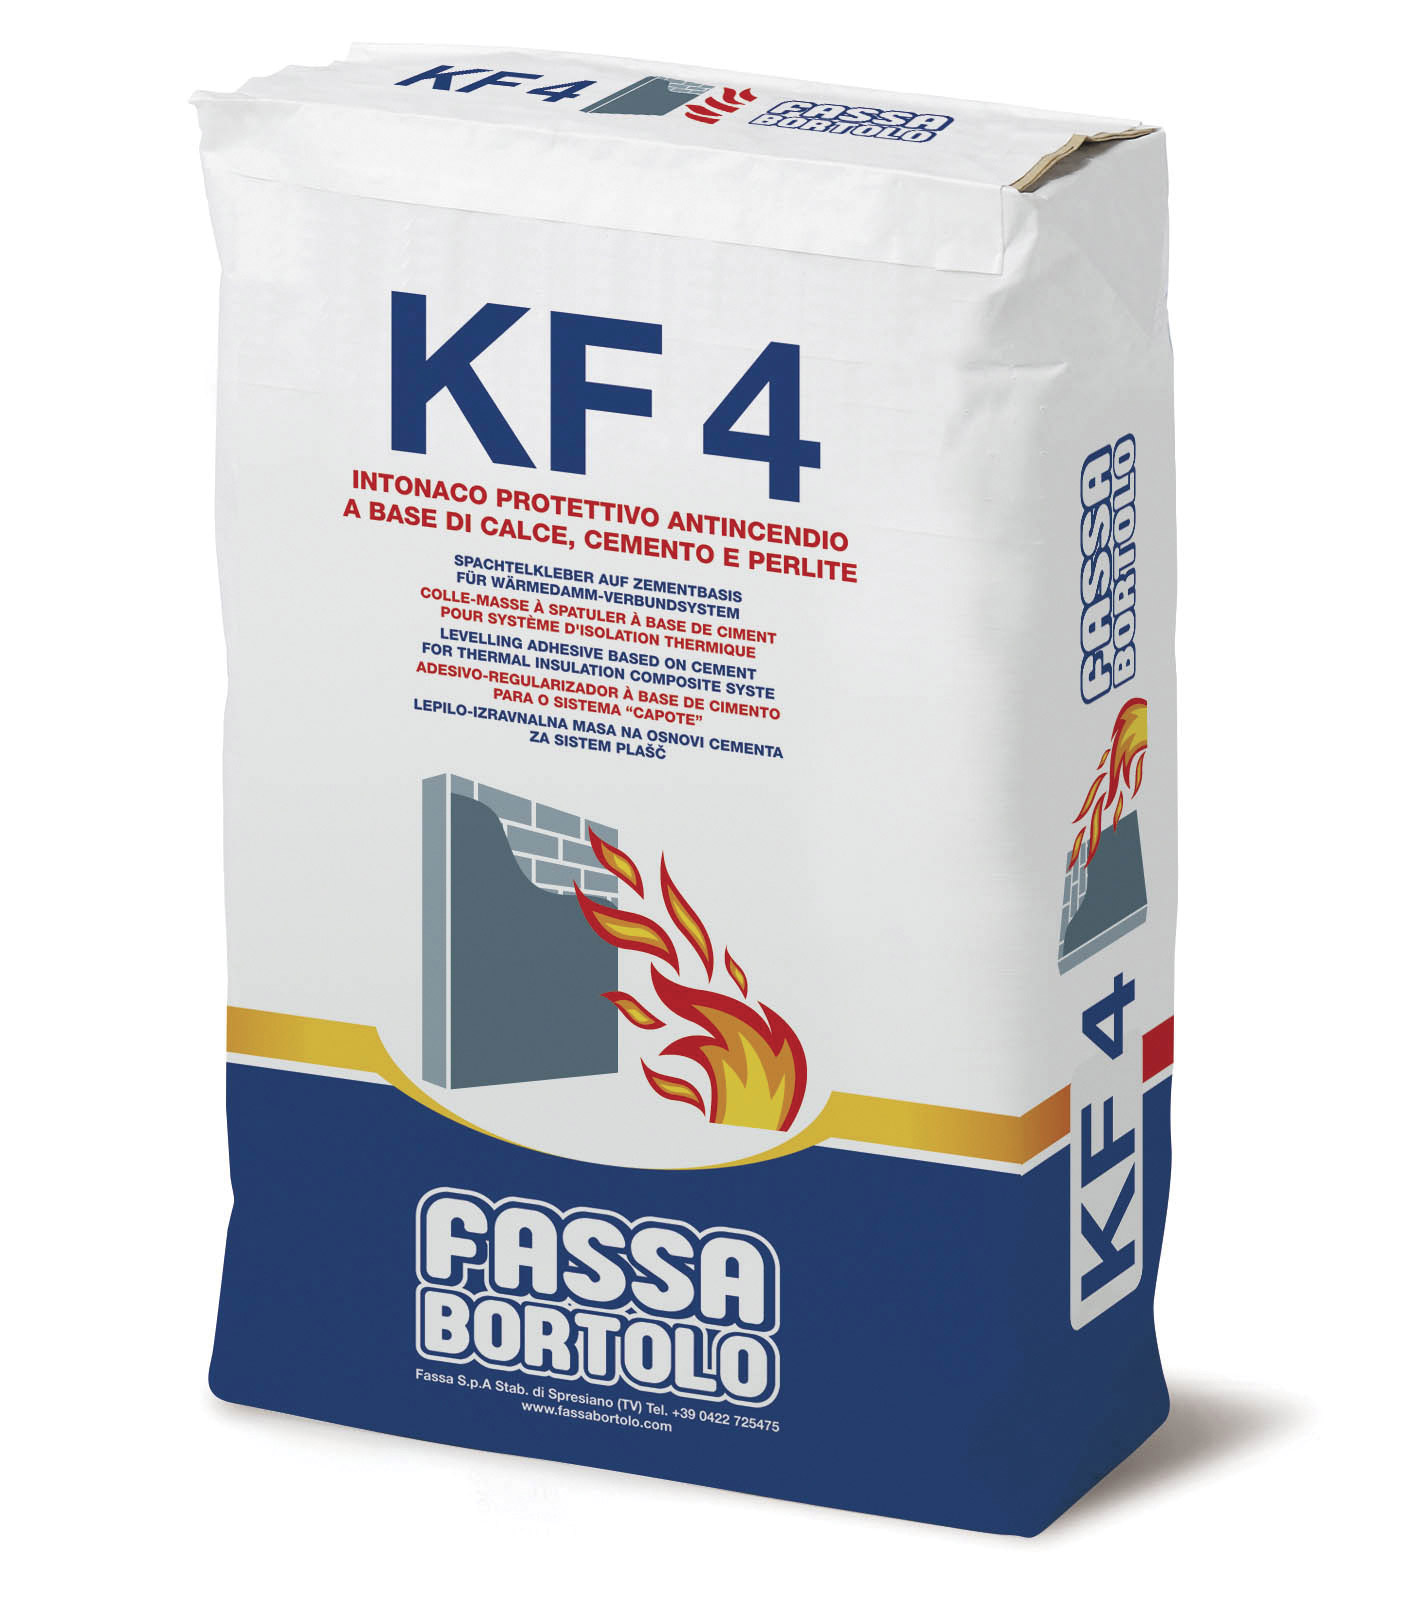 KF 4: Intonaco protettivo antincendio a base di calce, cemento e perlite per interni ed esterni